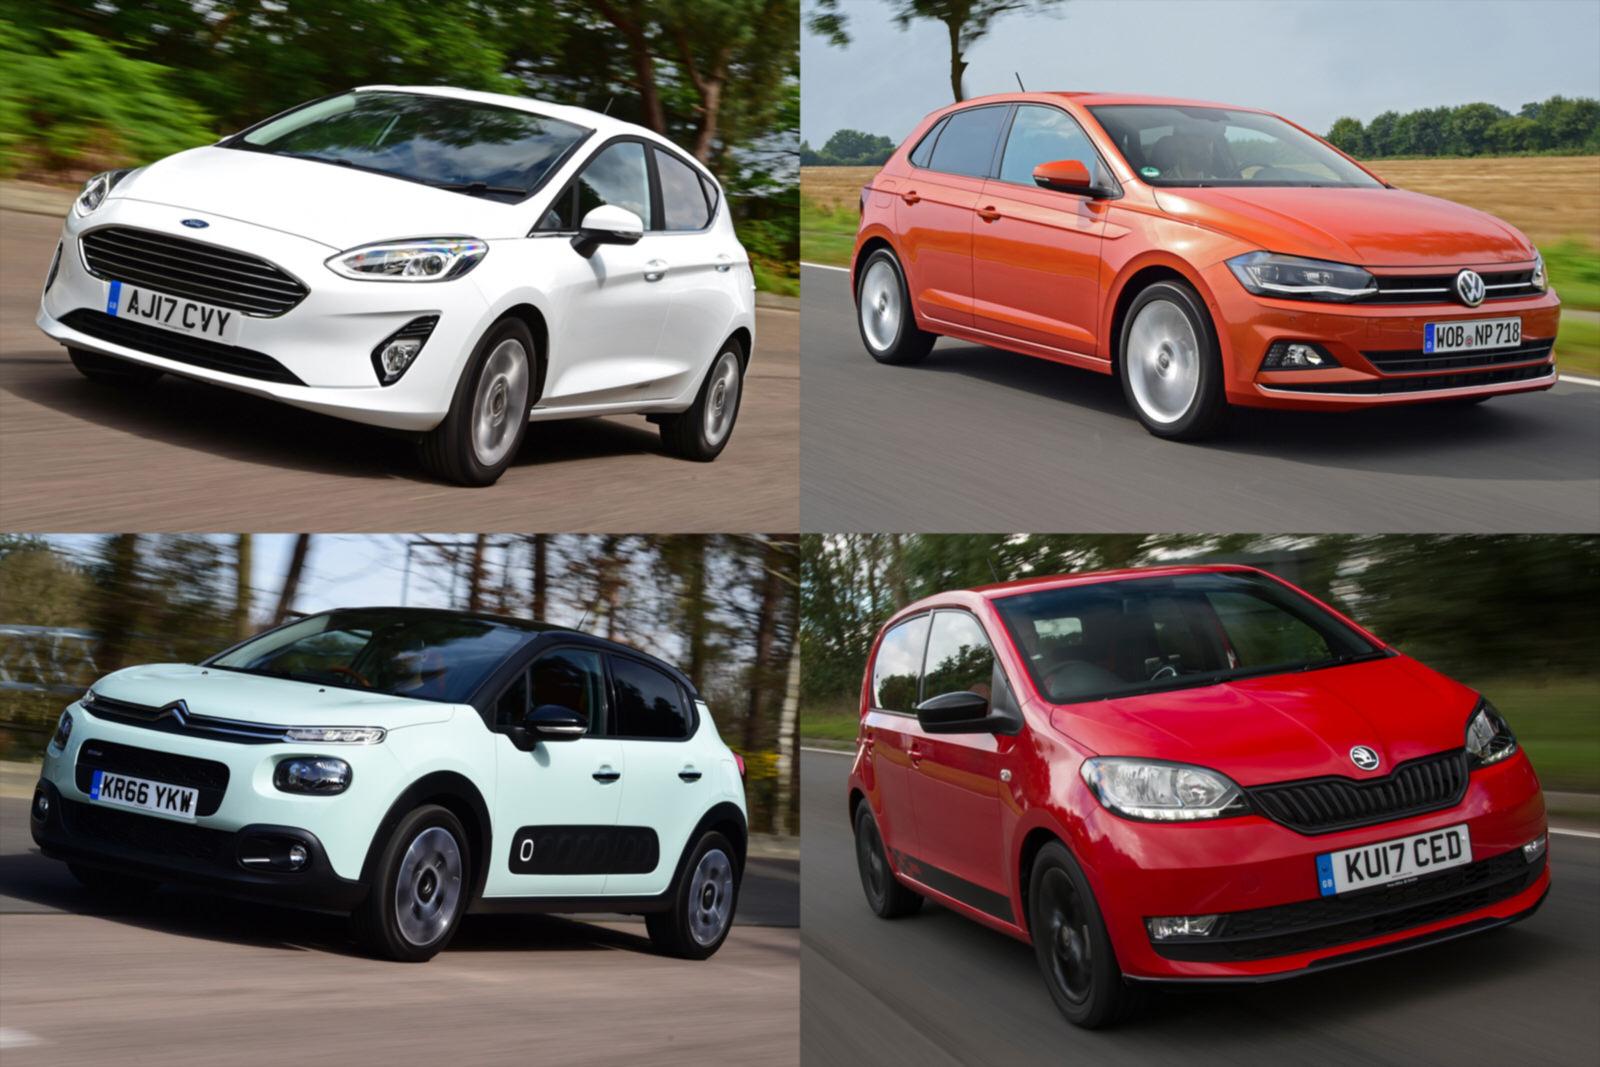 Immatricolazioni auto Gennaio 2018: dati e classifica dei modelli più venduti in Italia